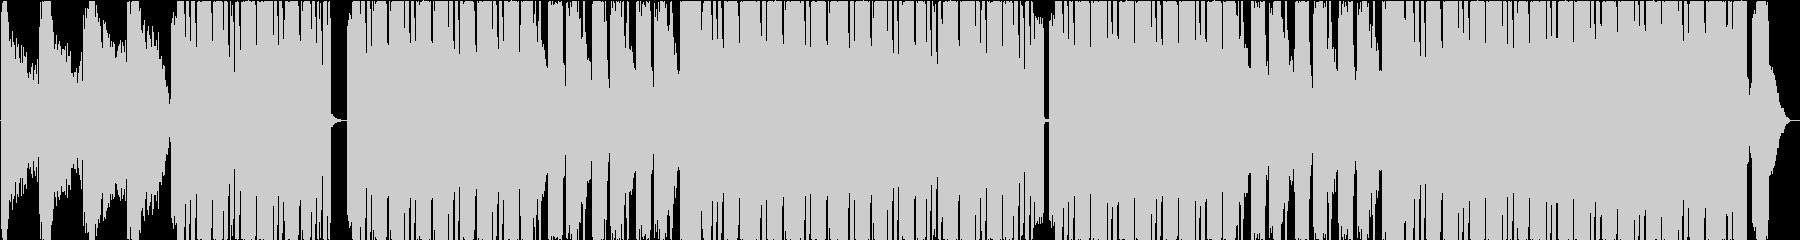 ドラム & ベース ジャングル ヒ...の未再生の波形